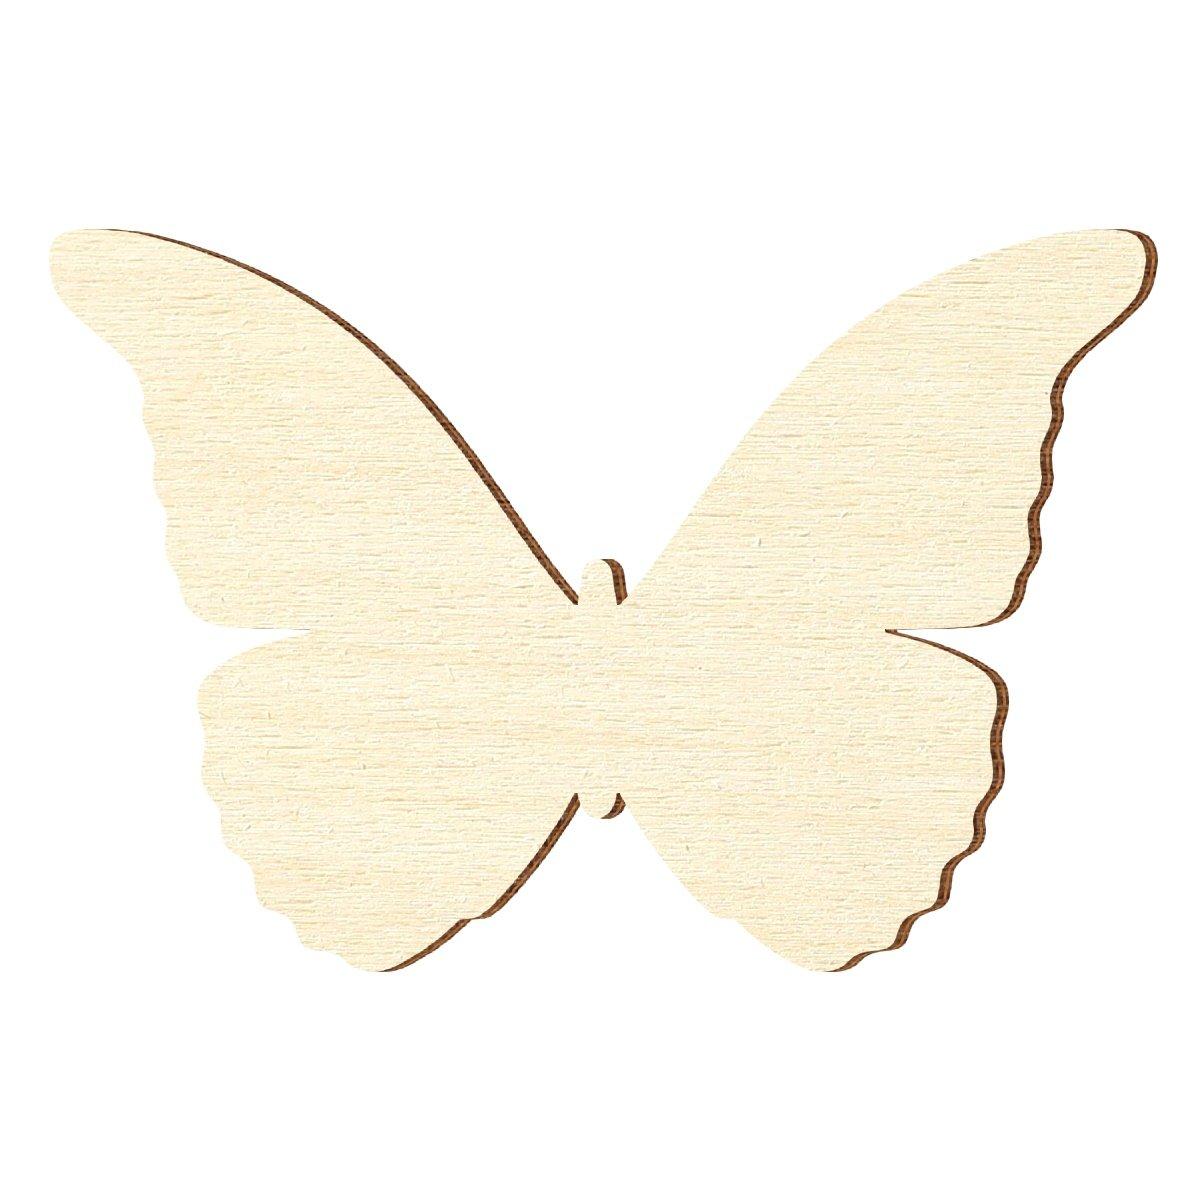 Bütic GmbH - Sagoma in compensato di pioppo a forma di farfalla, spessore: 3 mm, Compensato, Flügelspannweite 5cm